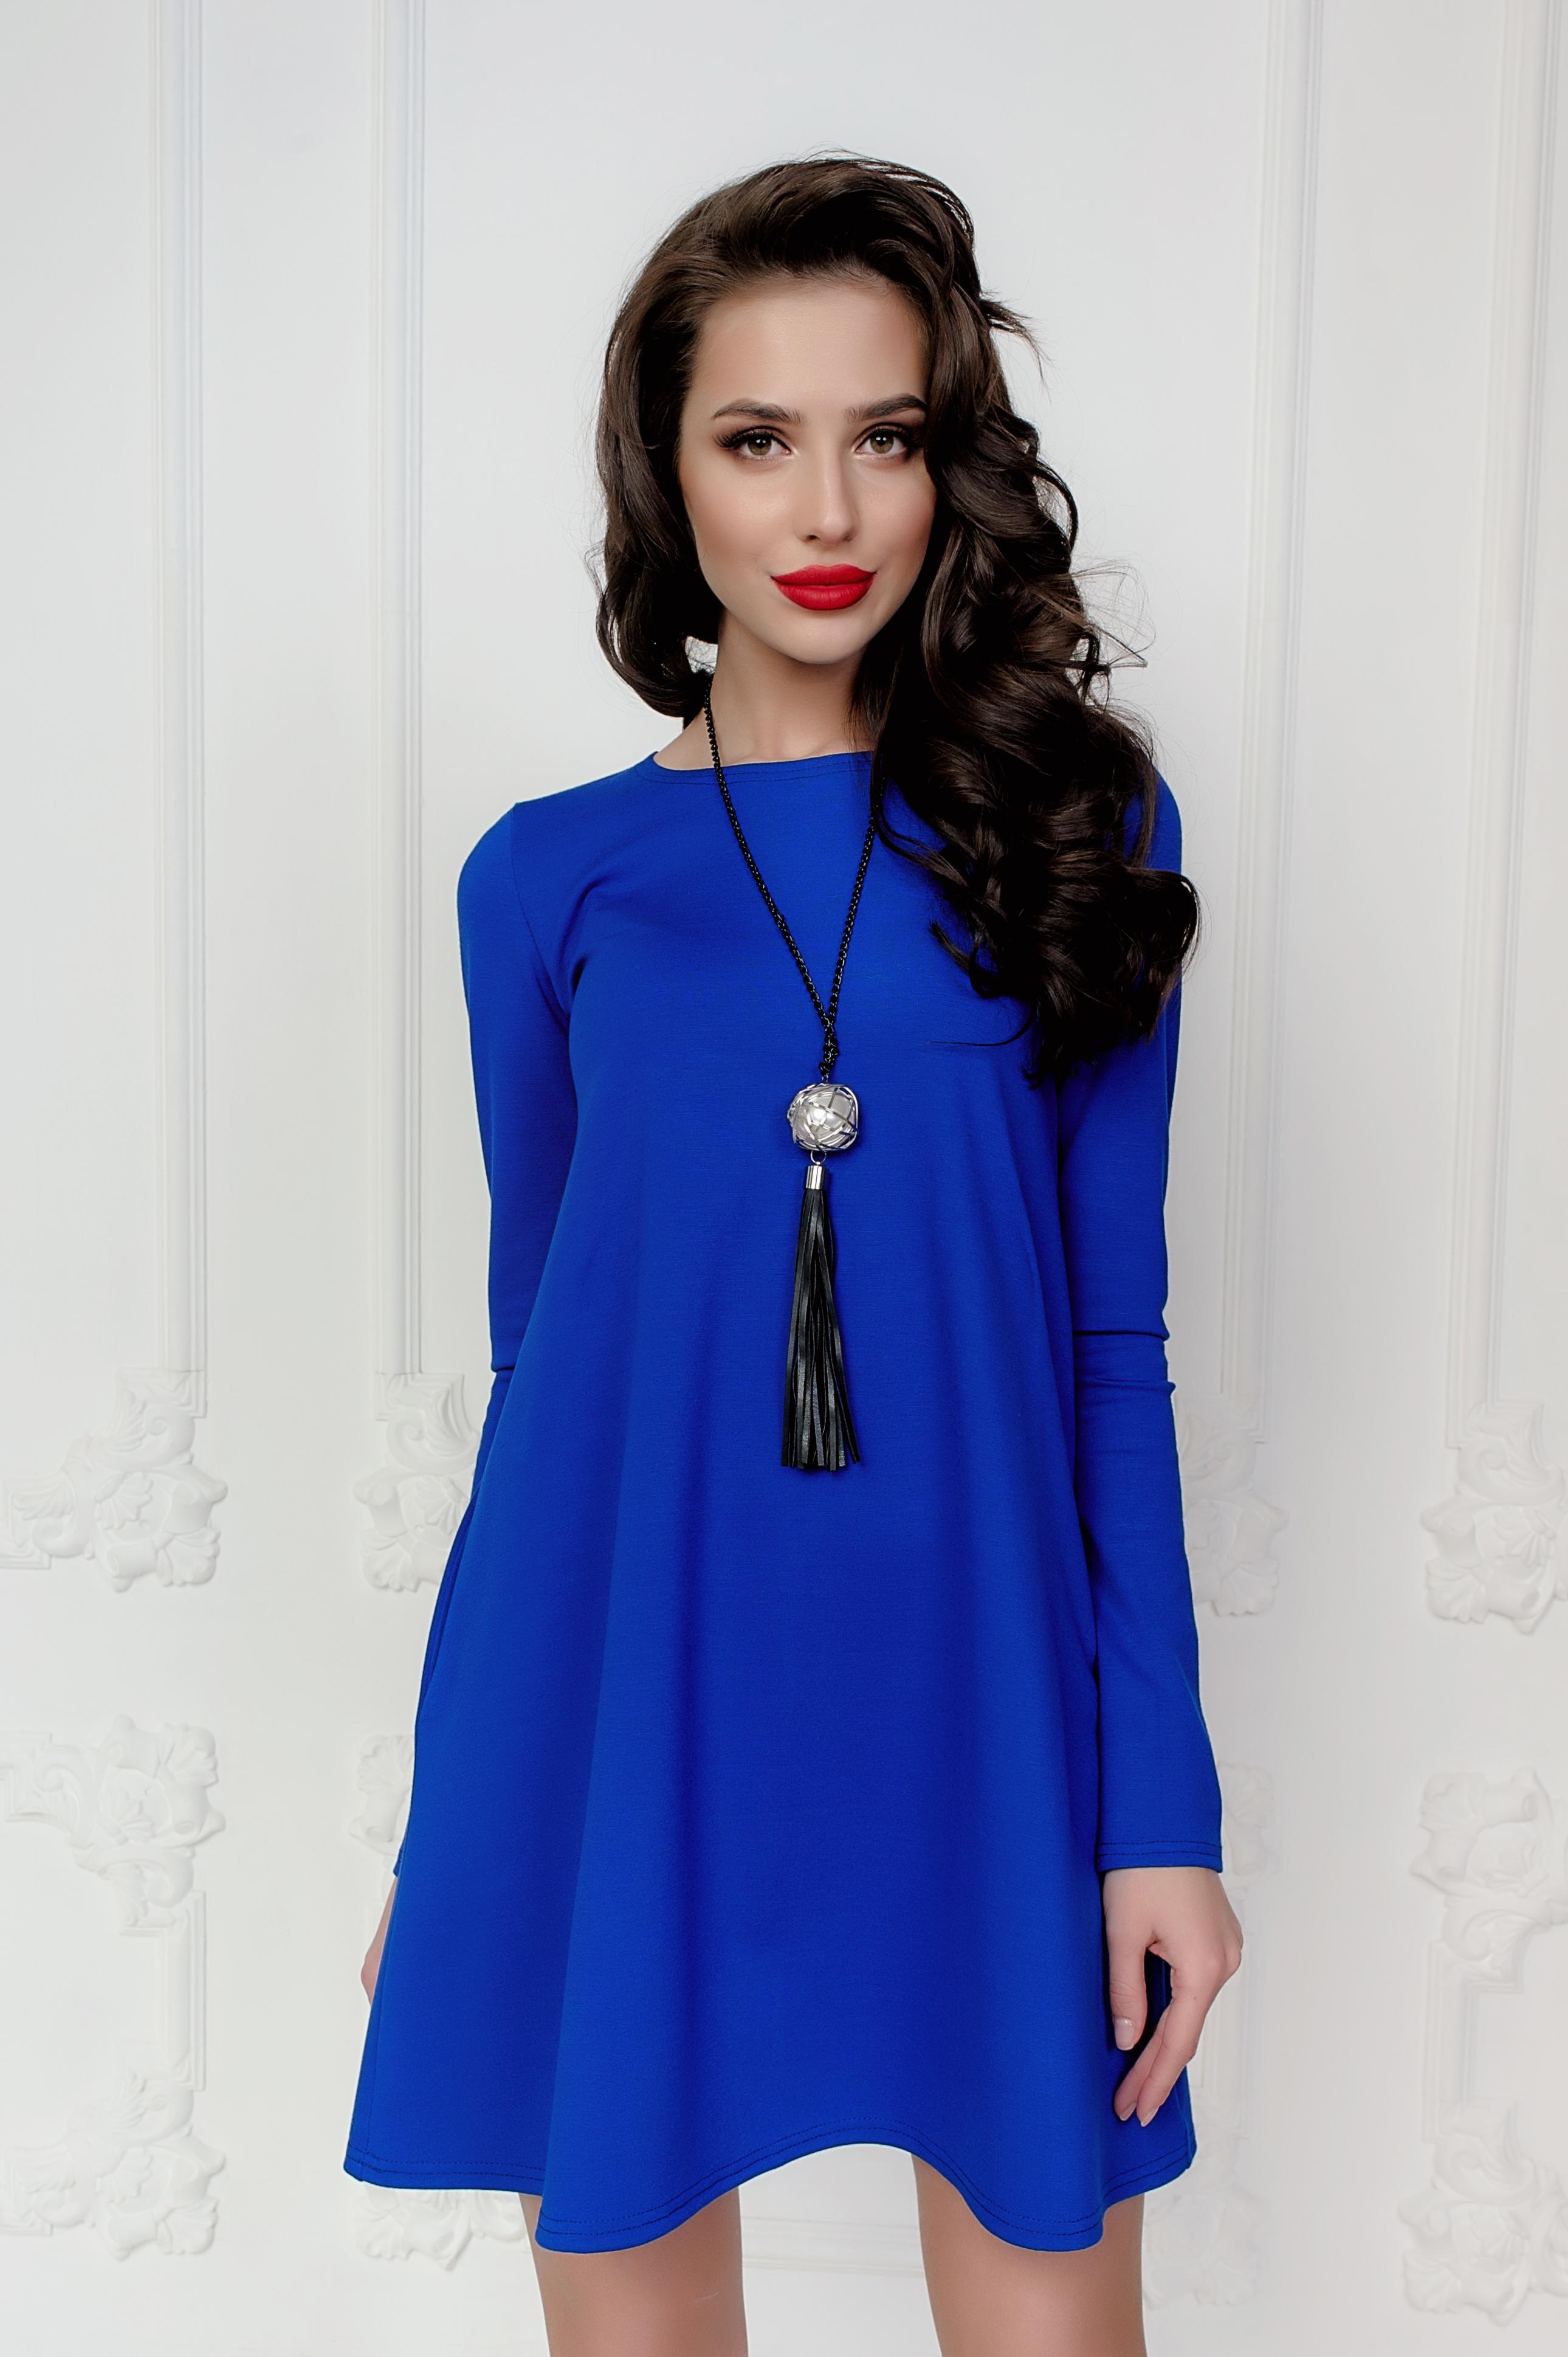 дорогих люксах черные бусы для синего платья фото эффект рекламы